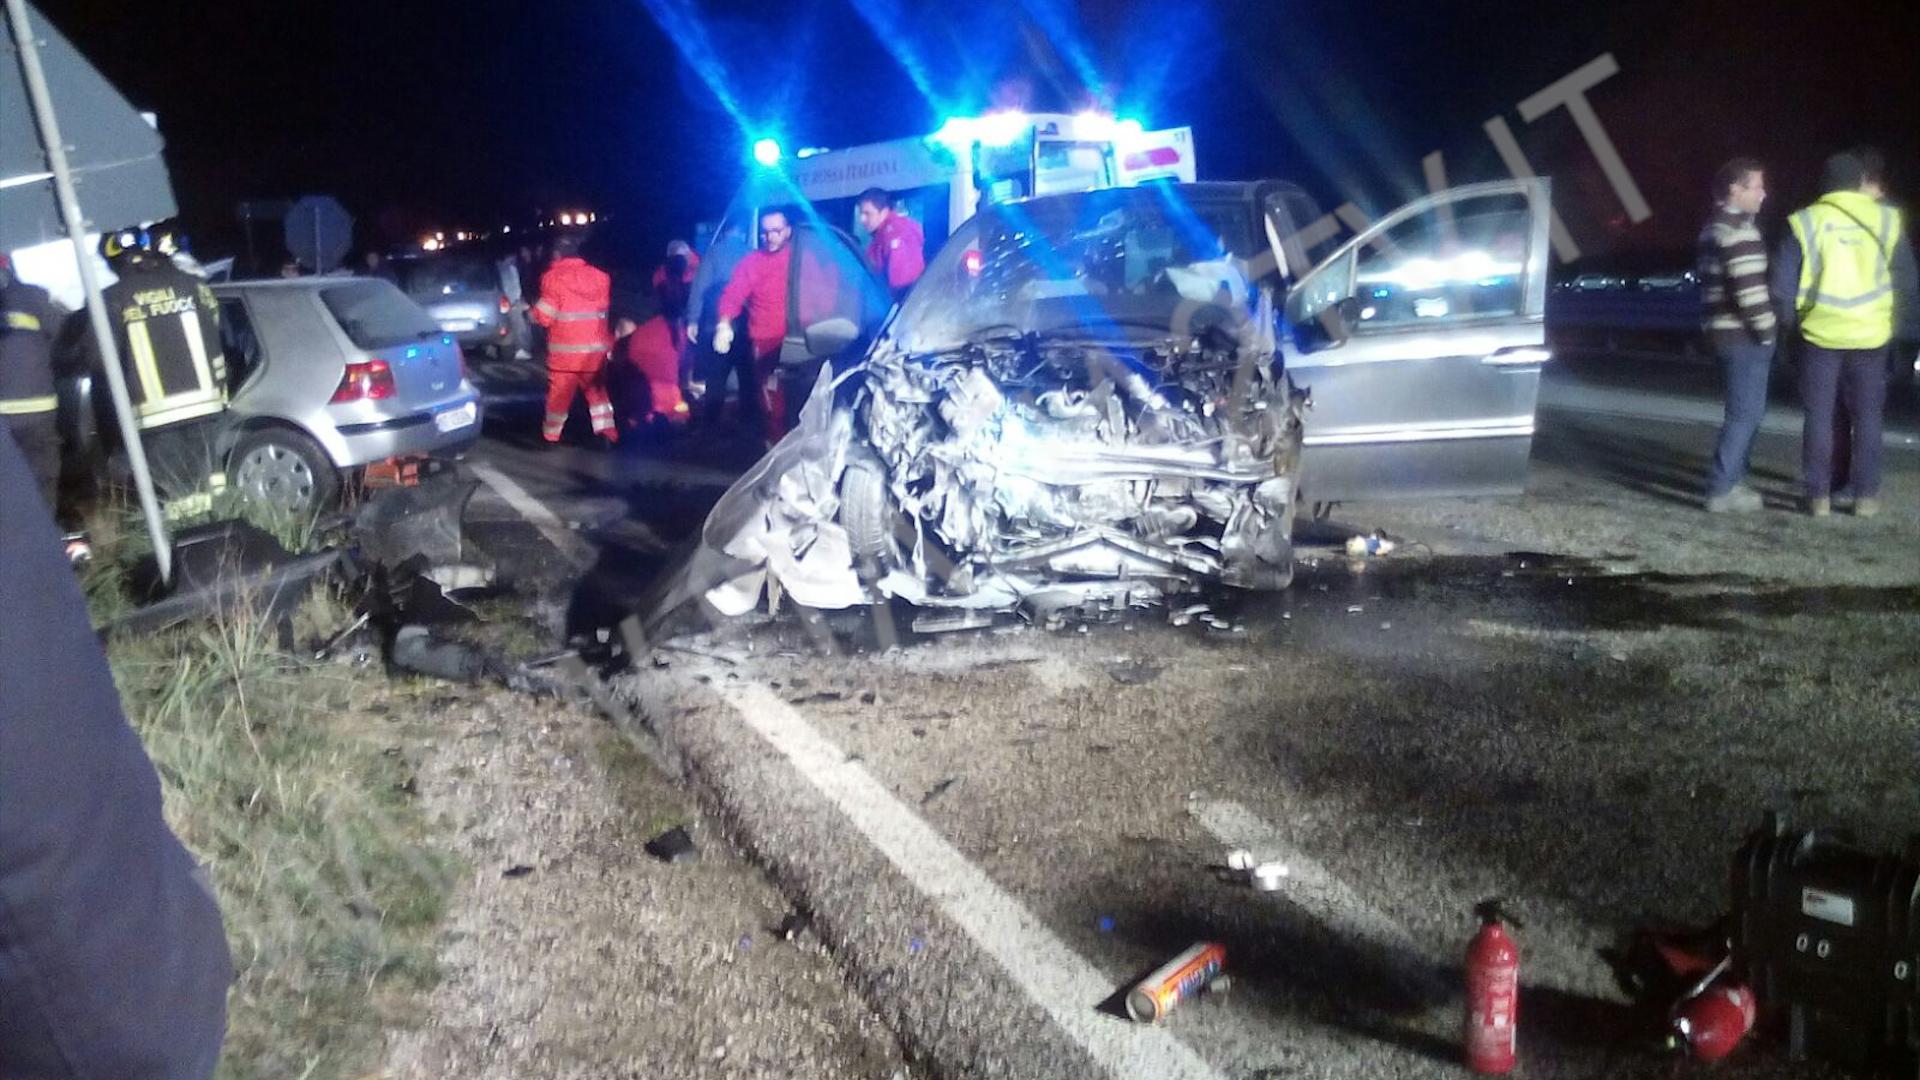 Incidente mortale a Buccino, morti padre e bimbo di 3 anni